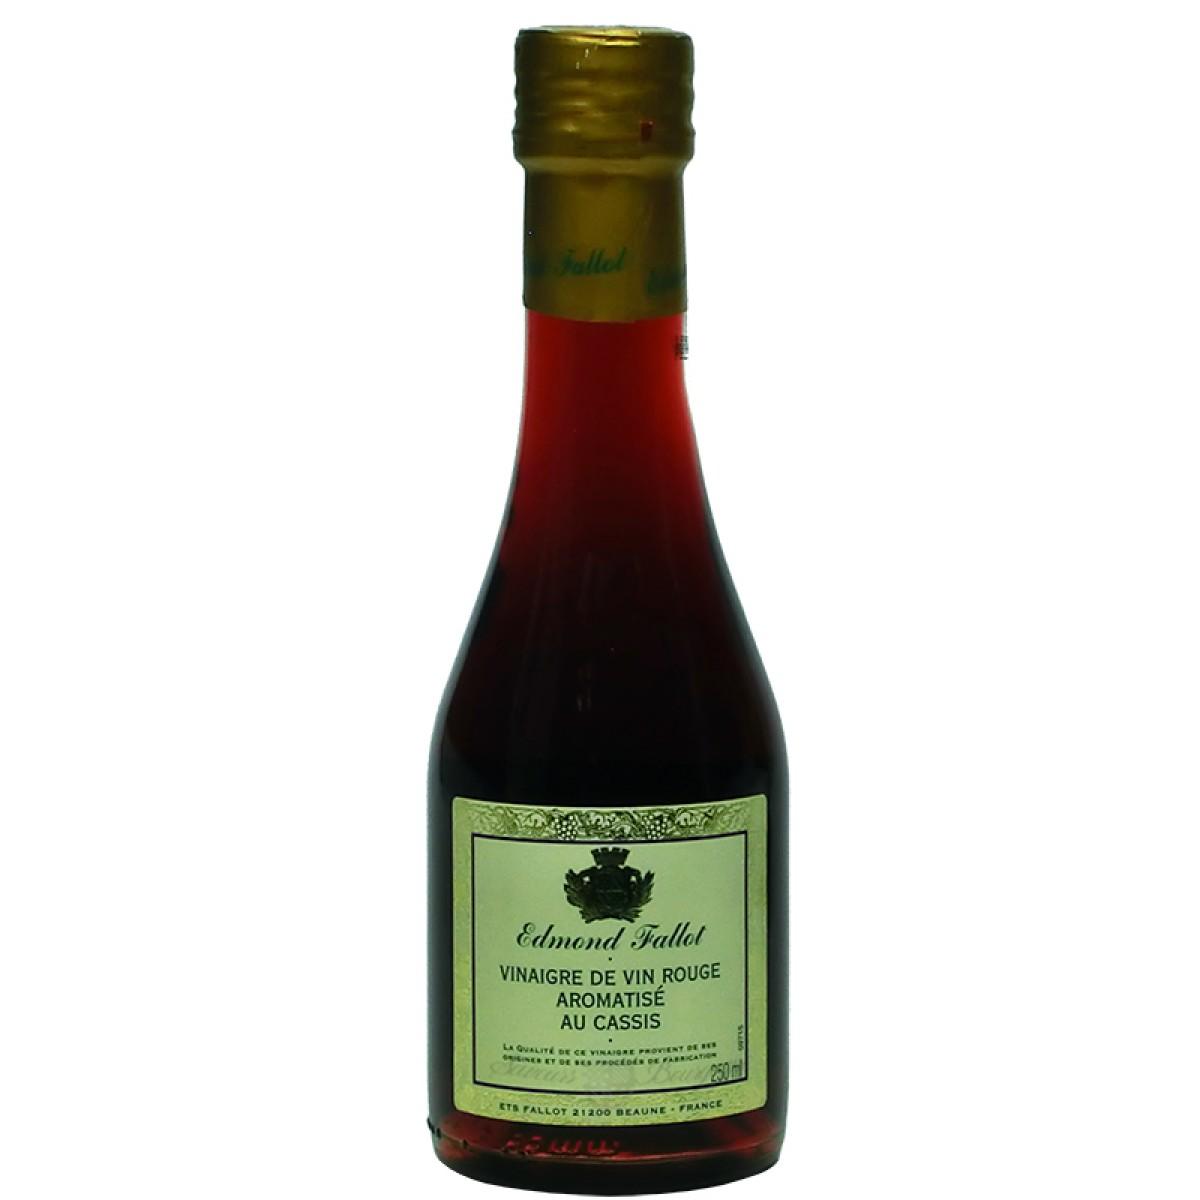 vinaigre de vin rouge aromatis au cassis 250ml fallot saveurs de bourgogne vente de. Black Bedroom Furniture Sets. Home Design Ideas